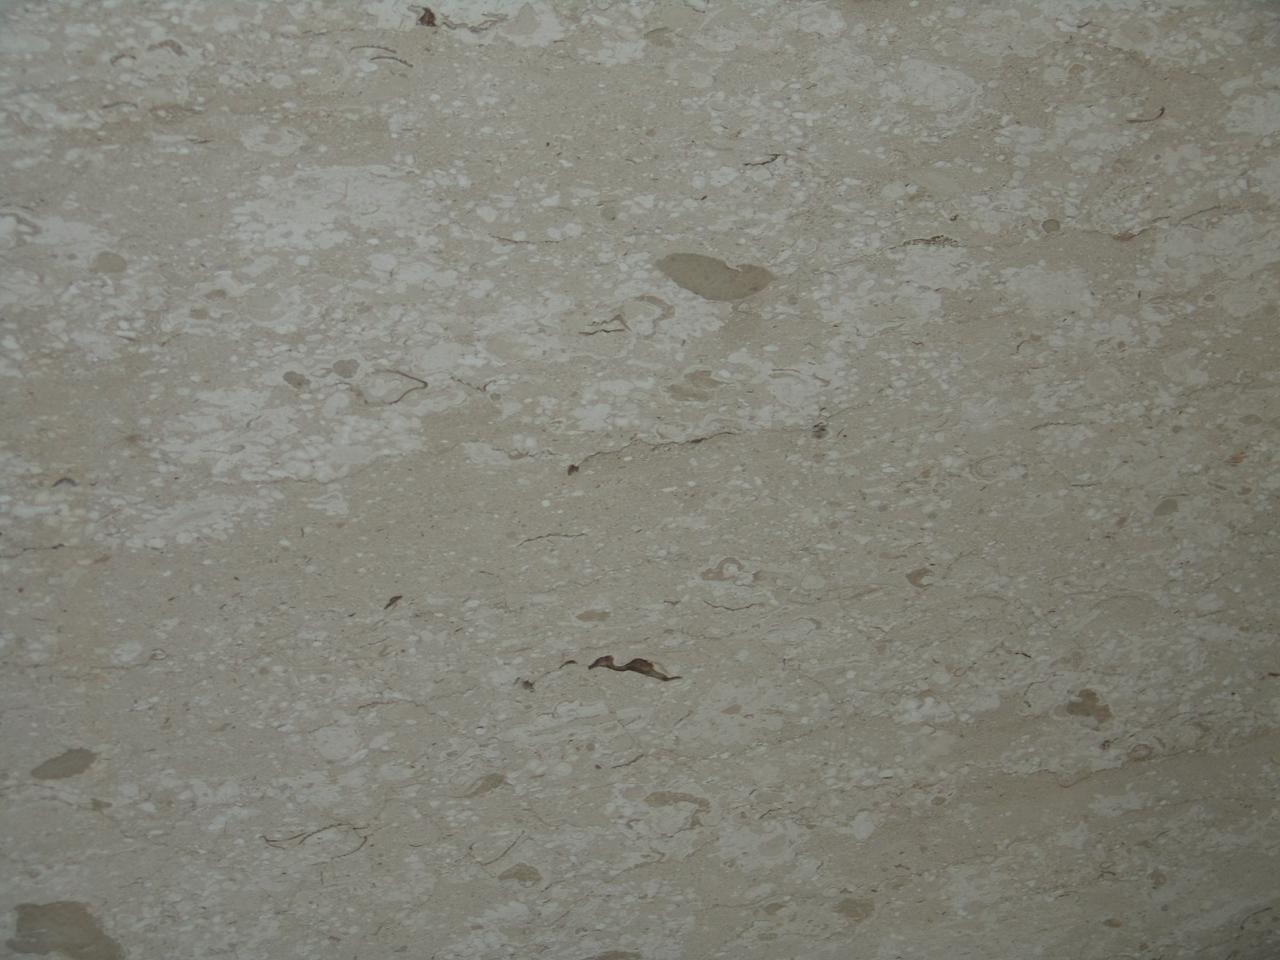 Tipi Di Marmo Grigio zem marmi foto di marmi e pietre da tutto il mondo | prezzi